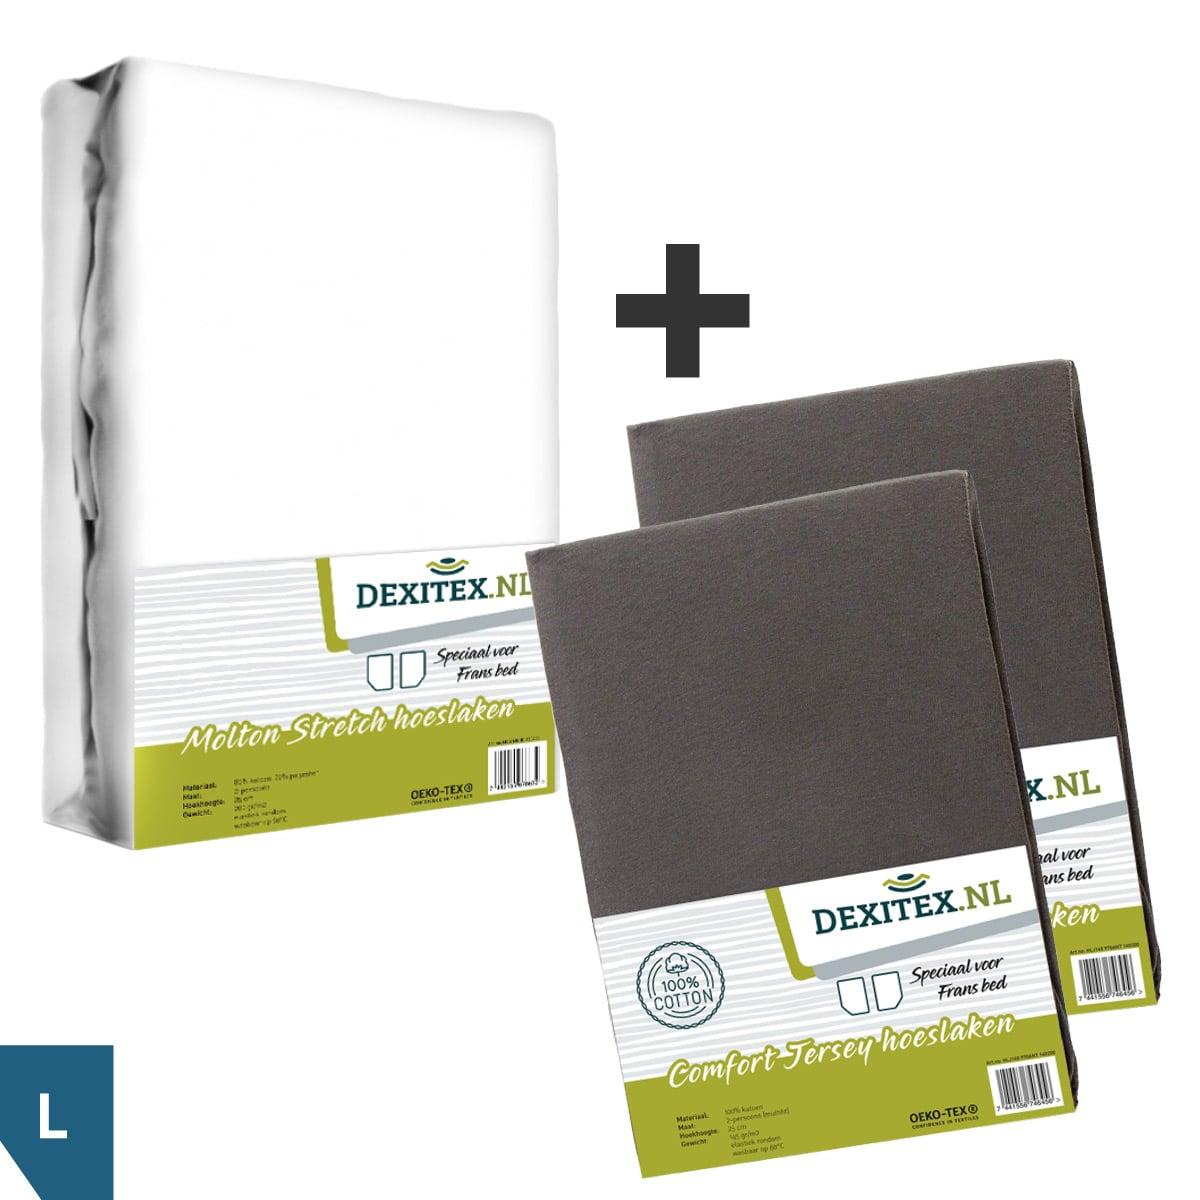 Textielpakket voor een Fransbed, Links - 1x molton wit + 2x jersey hoeslaken antraciet